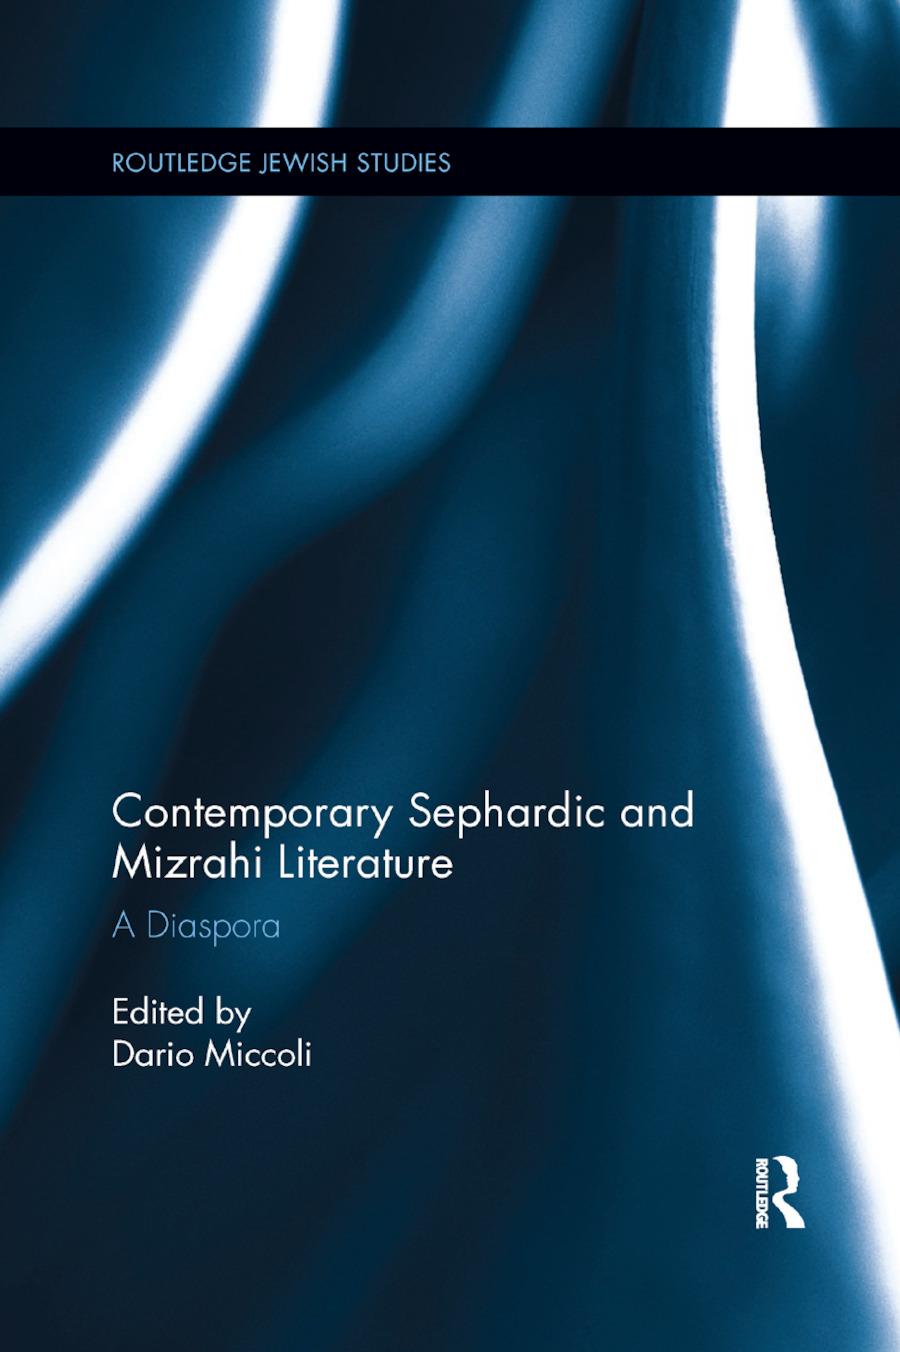 Contemporary Sephardic and Mizrahi Literature: A Diaspora book cover